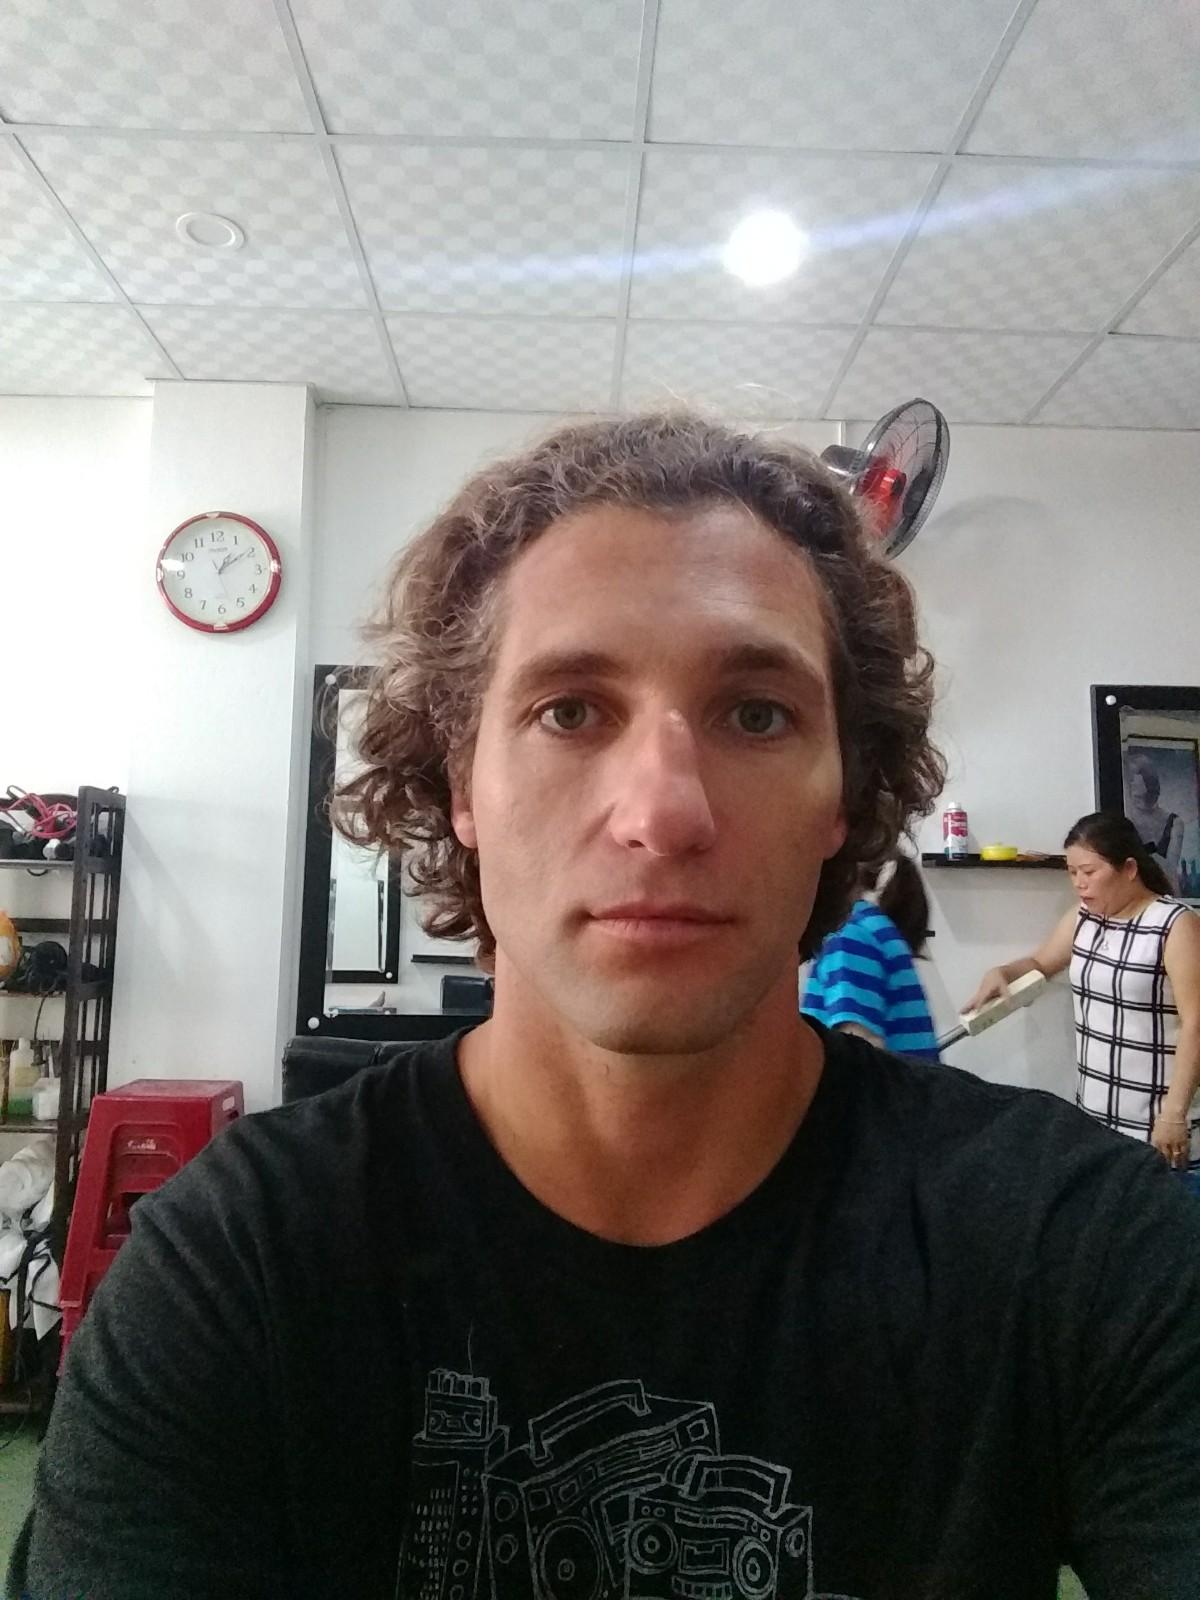 Shave Part 2